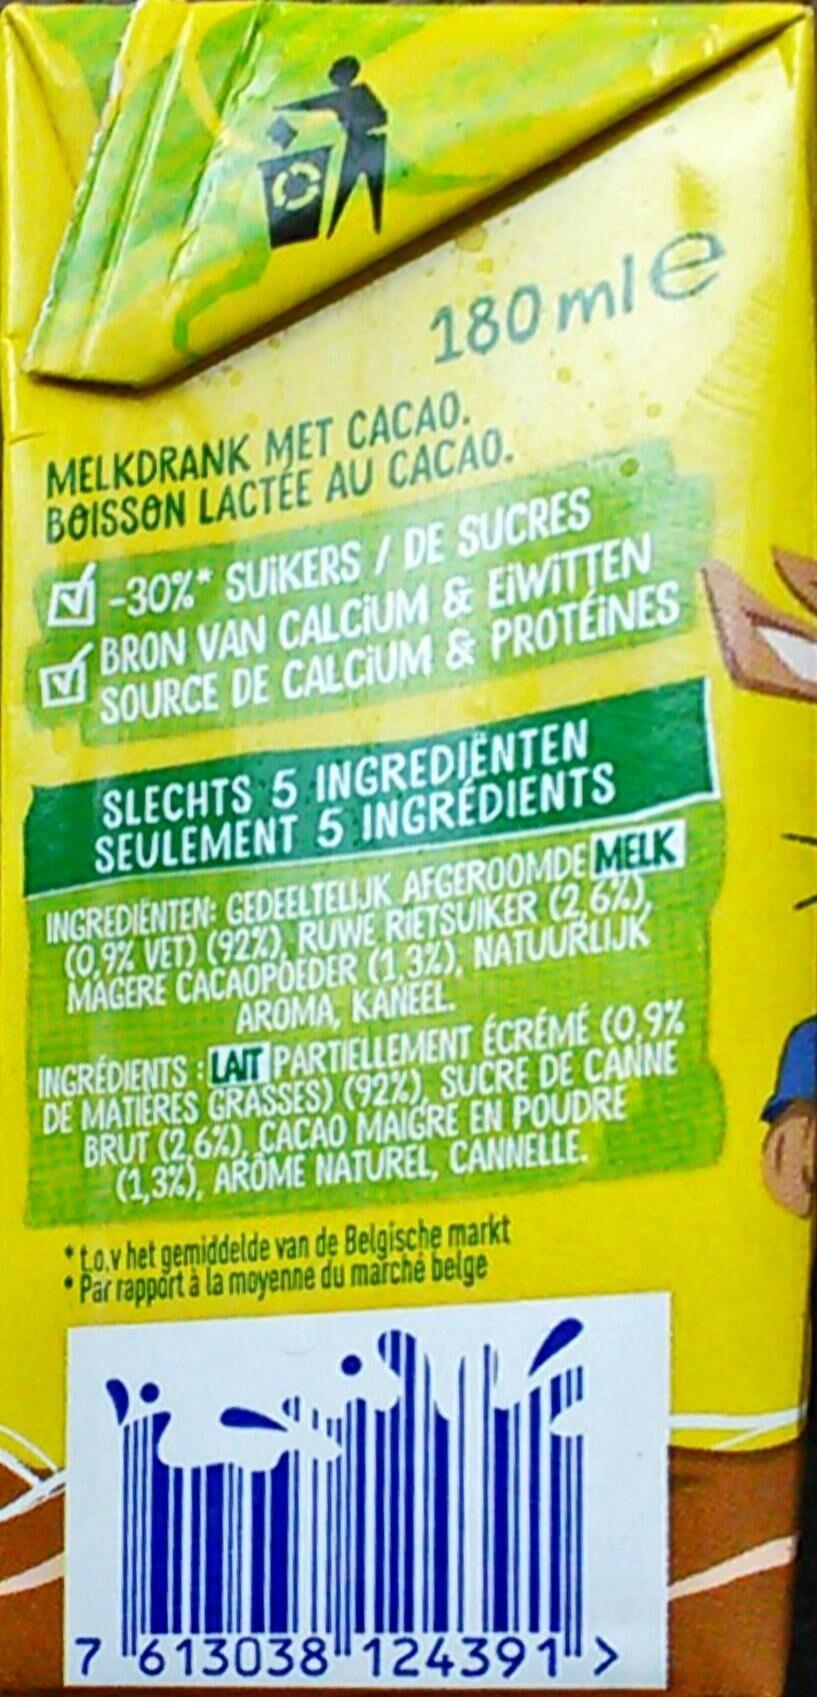 Boisson lactée au cacao - Ingrediënten - fr